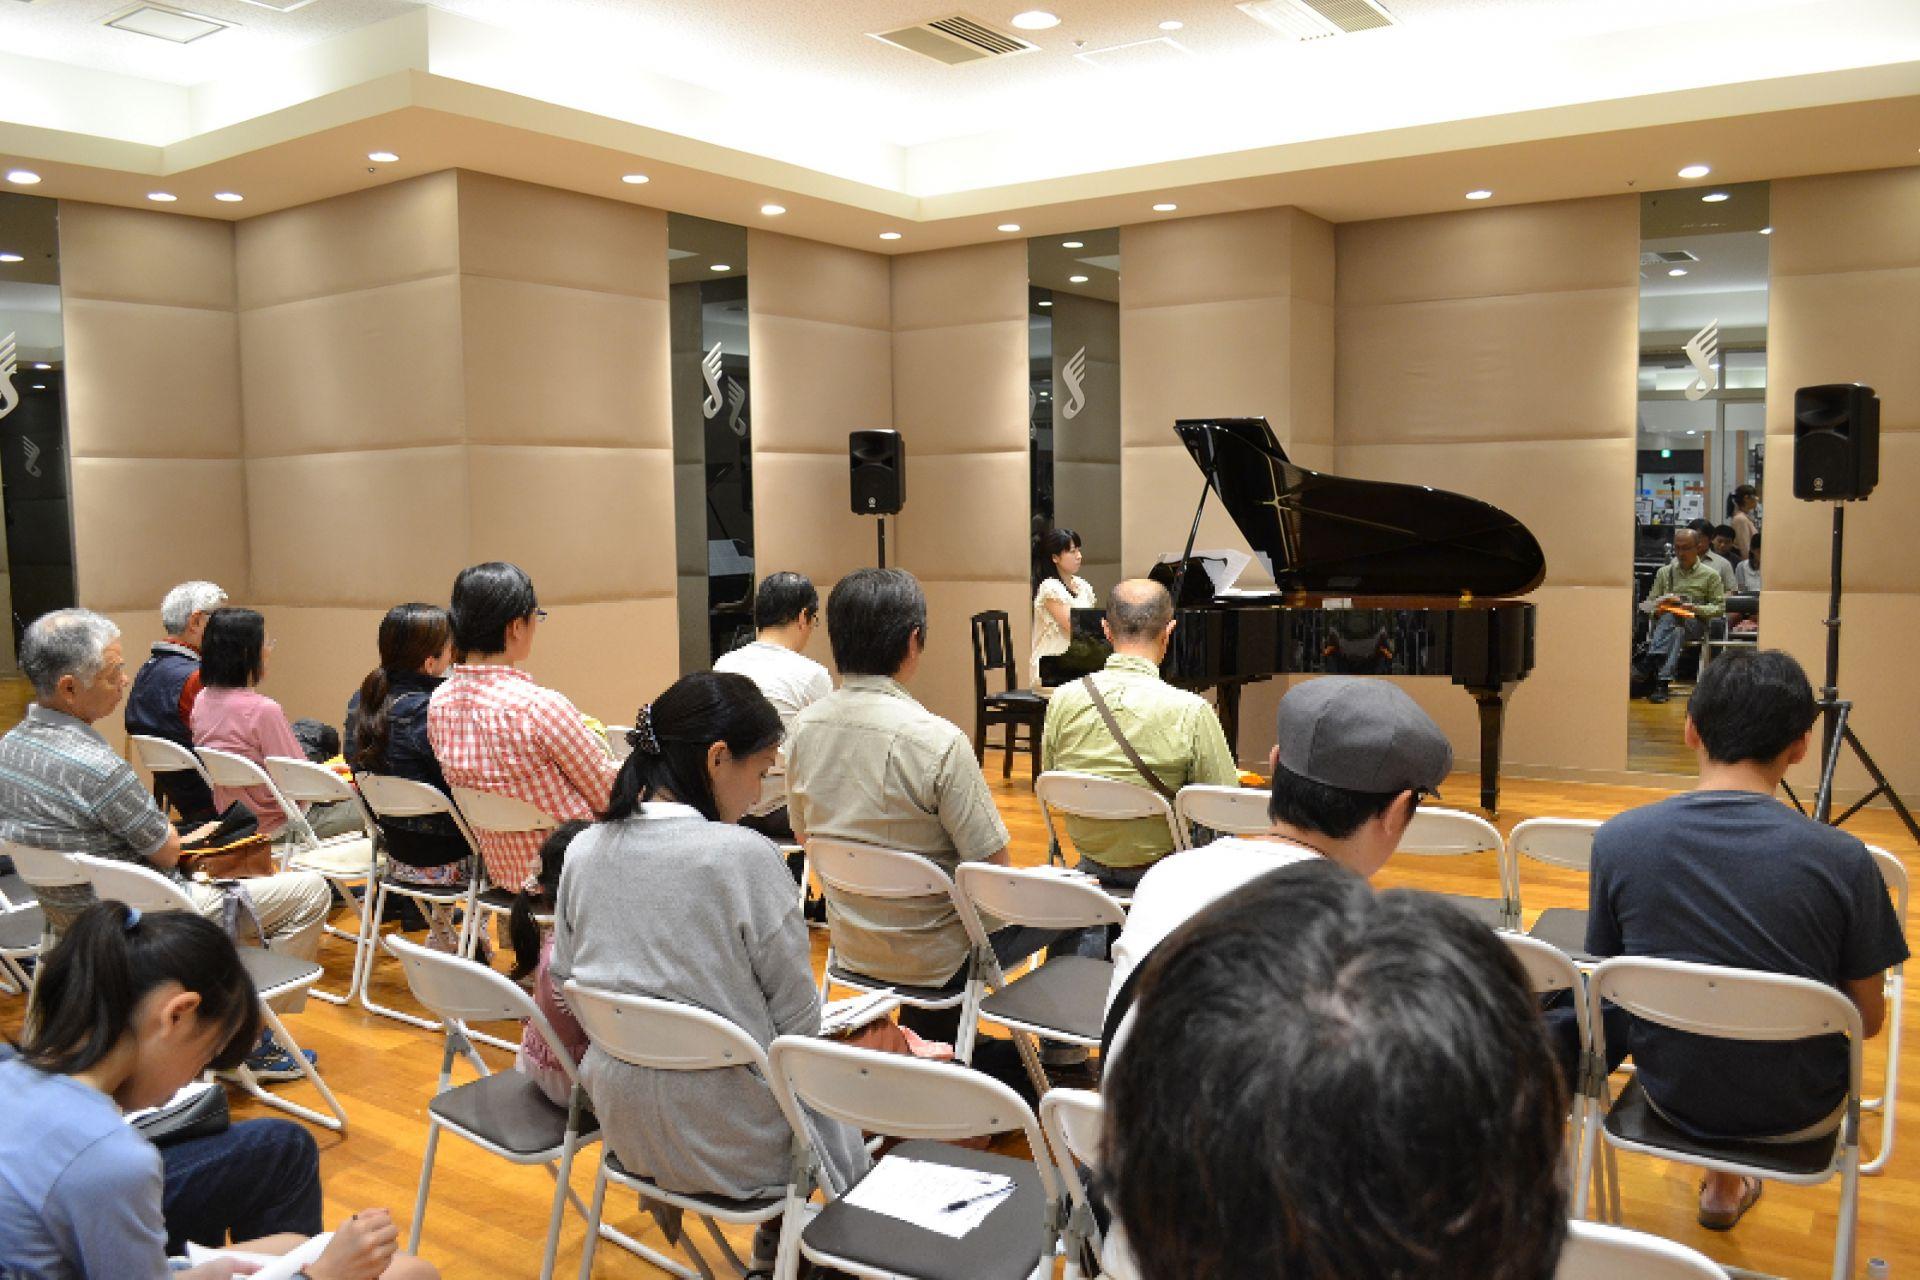 島村楽器 南船橋 ピアノコンサート